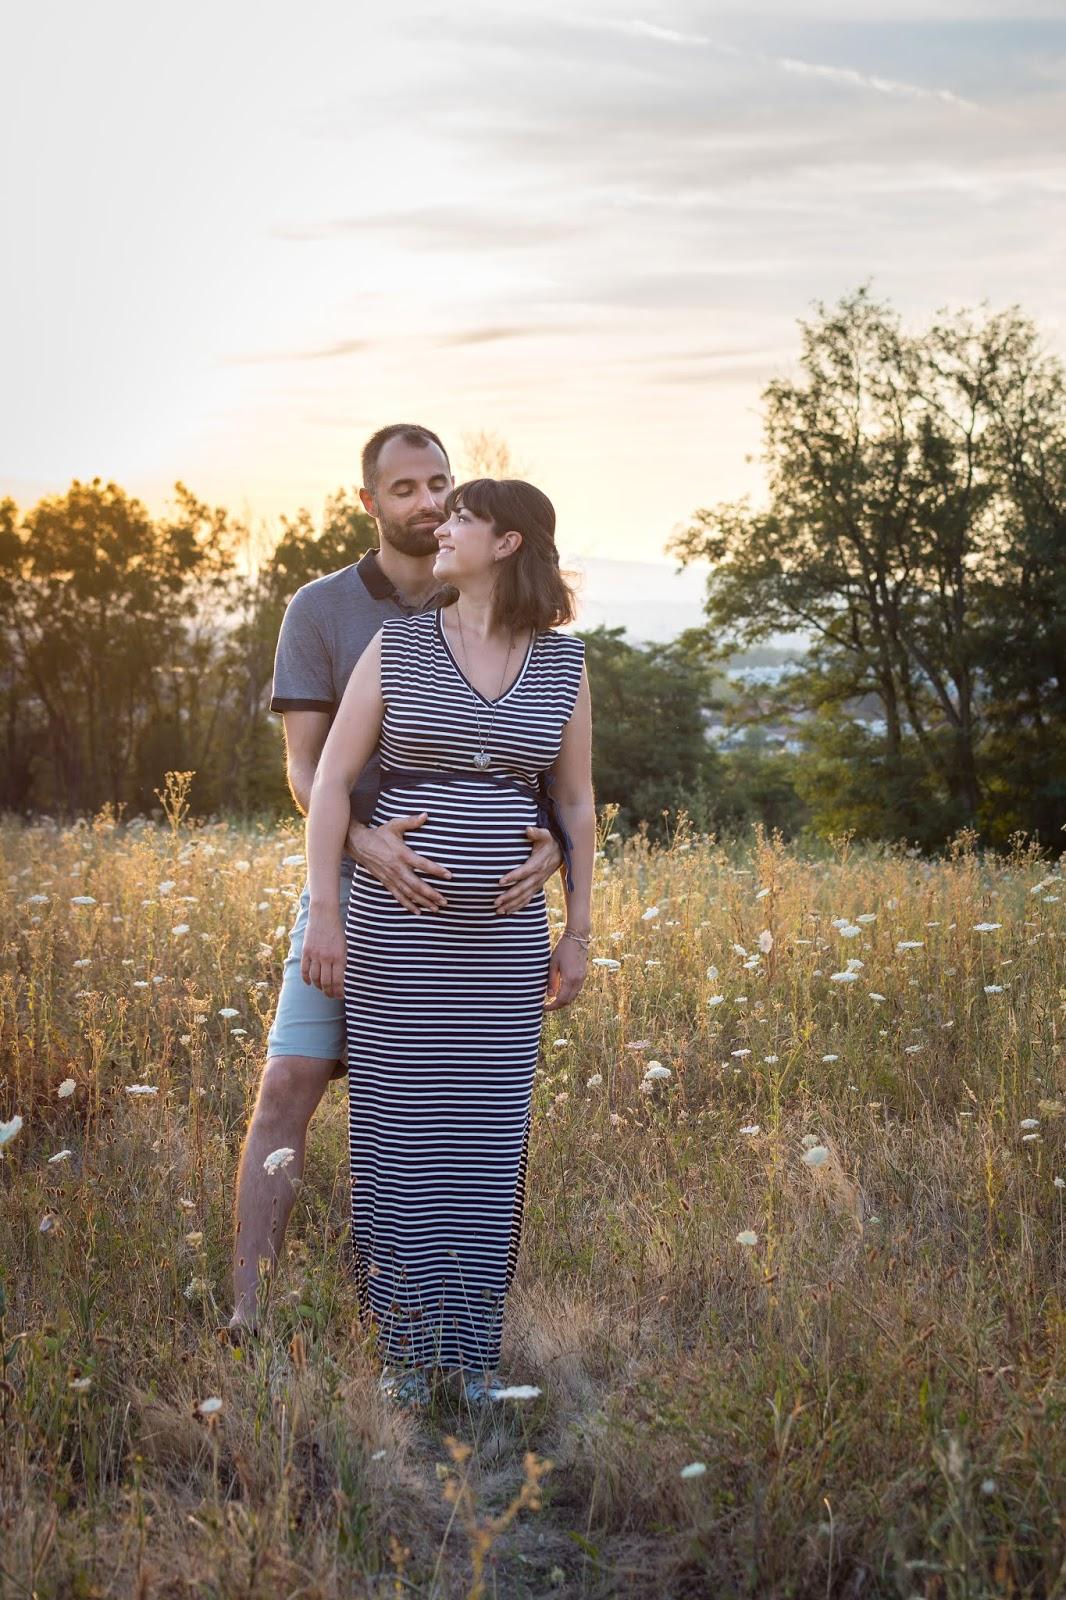 L'heure dorée confère une atmosphère douce et romantique, parfaite pour des photos de couple